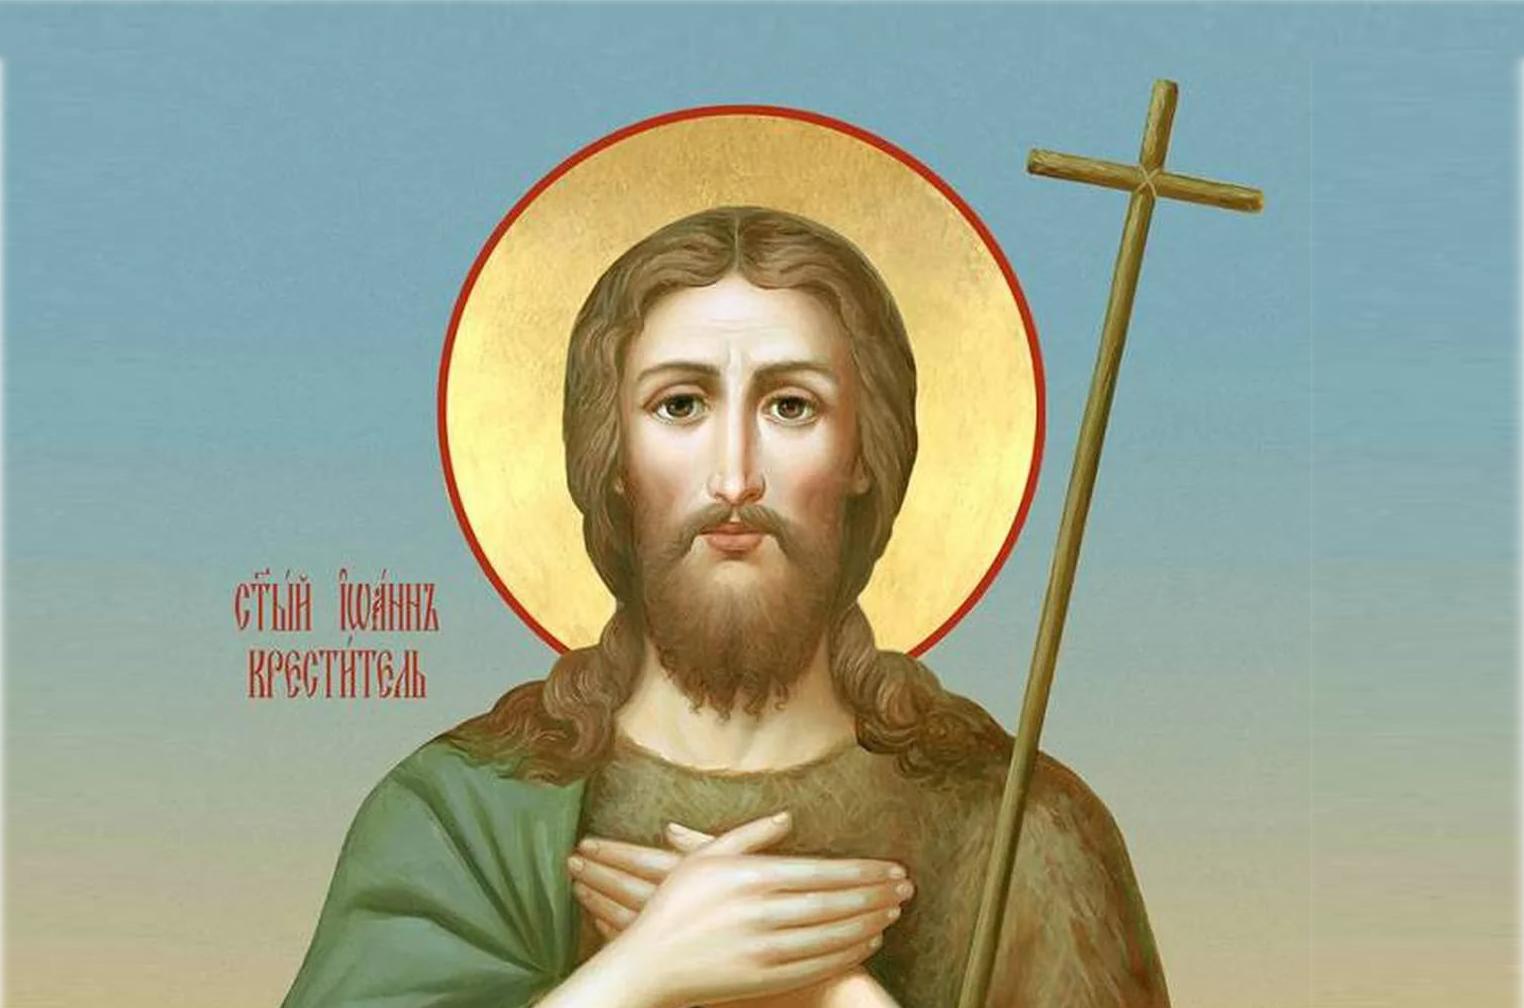 Молитва перед іконою пророка Івана Хрестителя, яку читають 9 березня